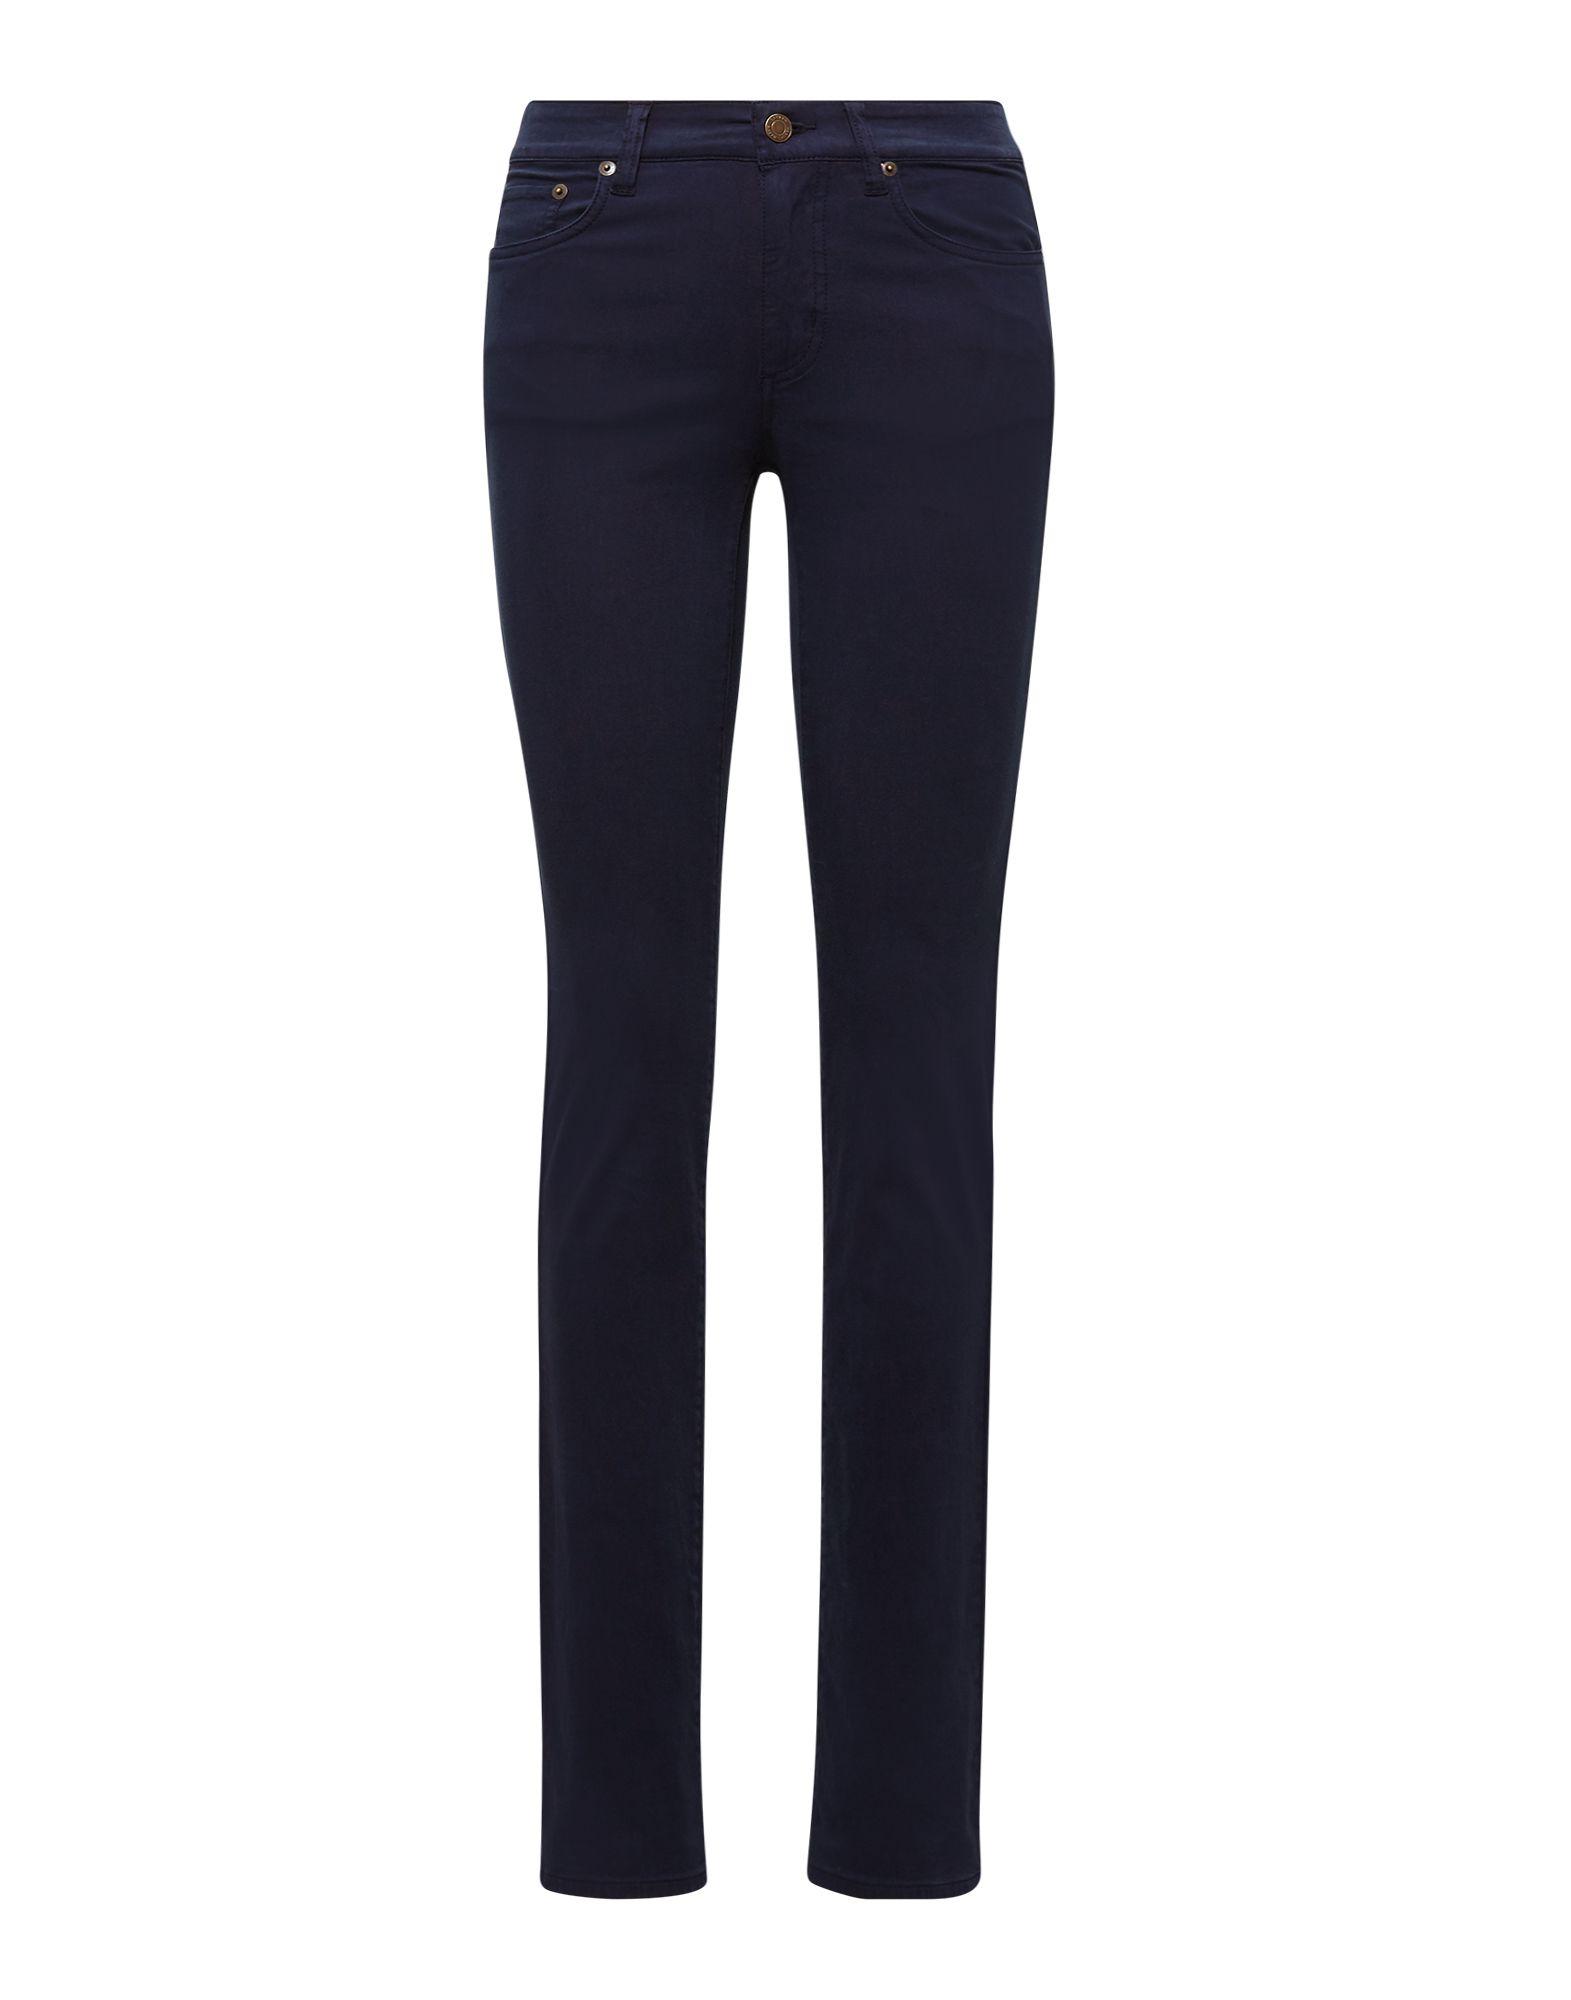 《セール開催中》LAUREN RALPH LAUREN レディース パンツ ダークブルー 4 コットン 56% / 指定外繊維(テンセル)? 42% / ポリウレタン 2% STRAIGHT LEG WASHED SATEEN PANT